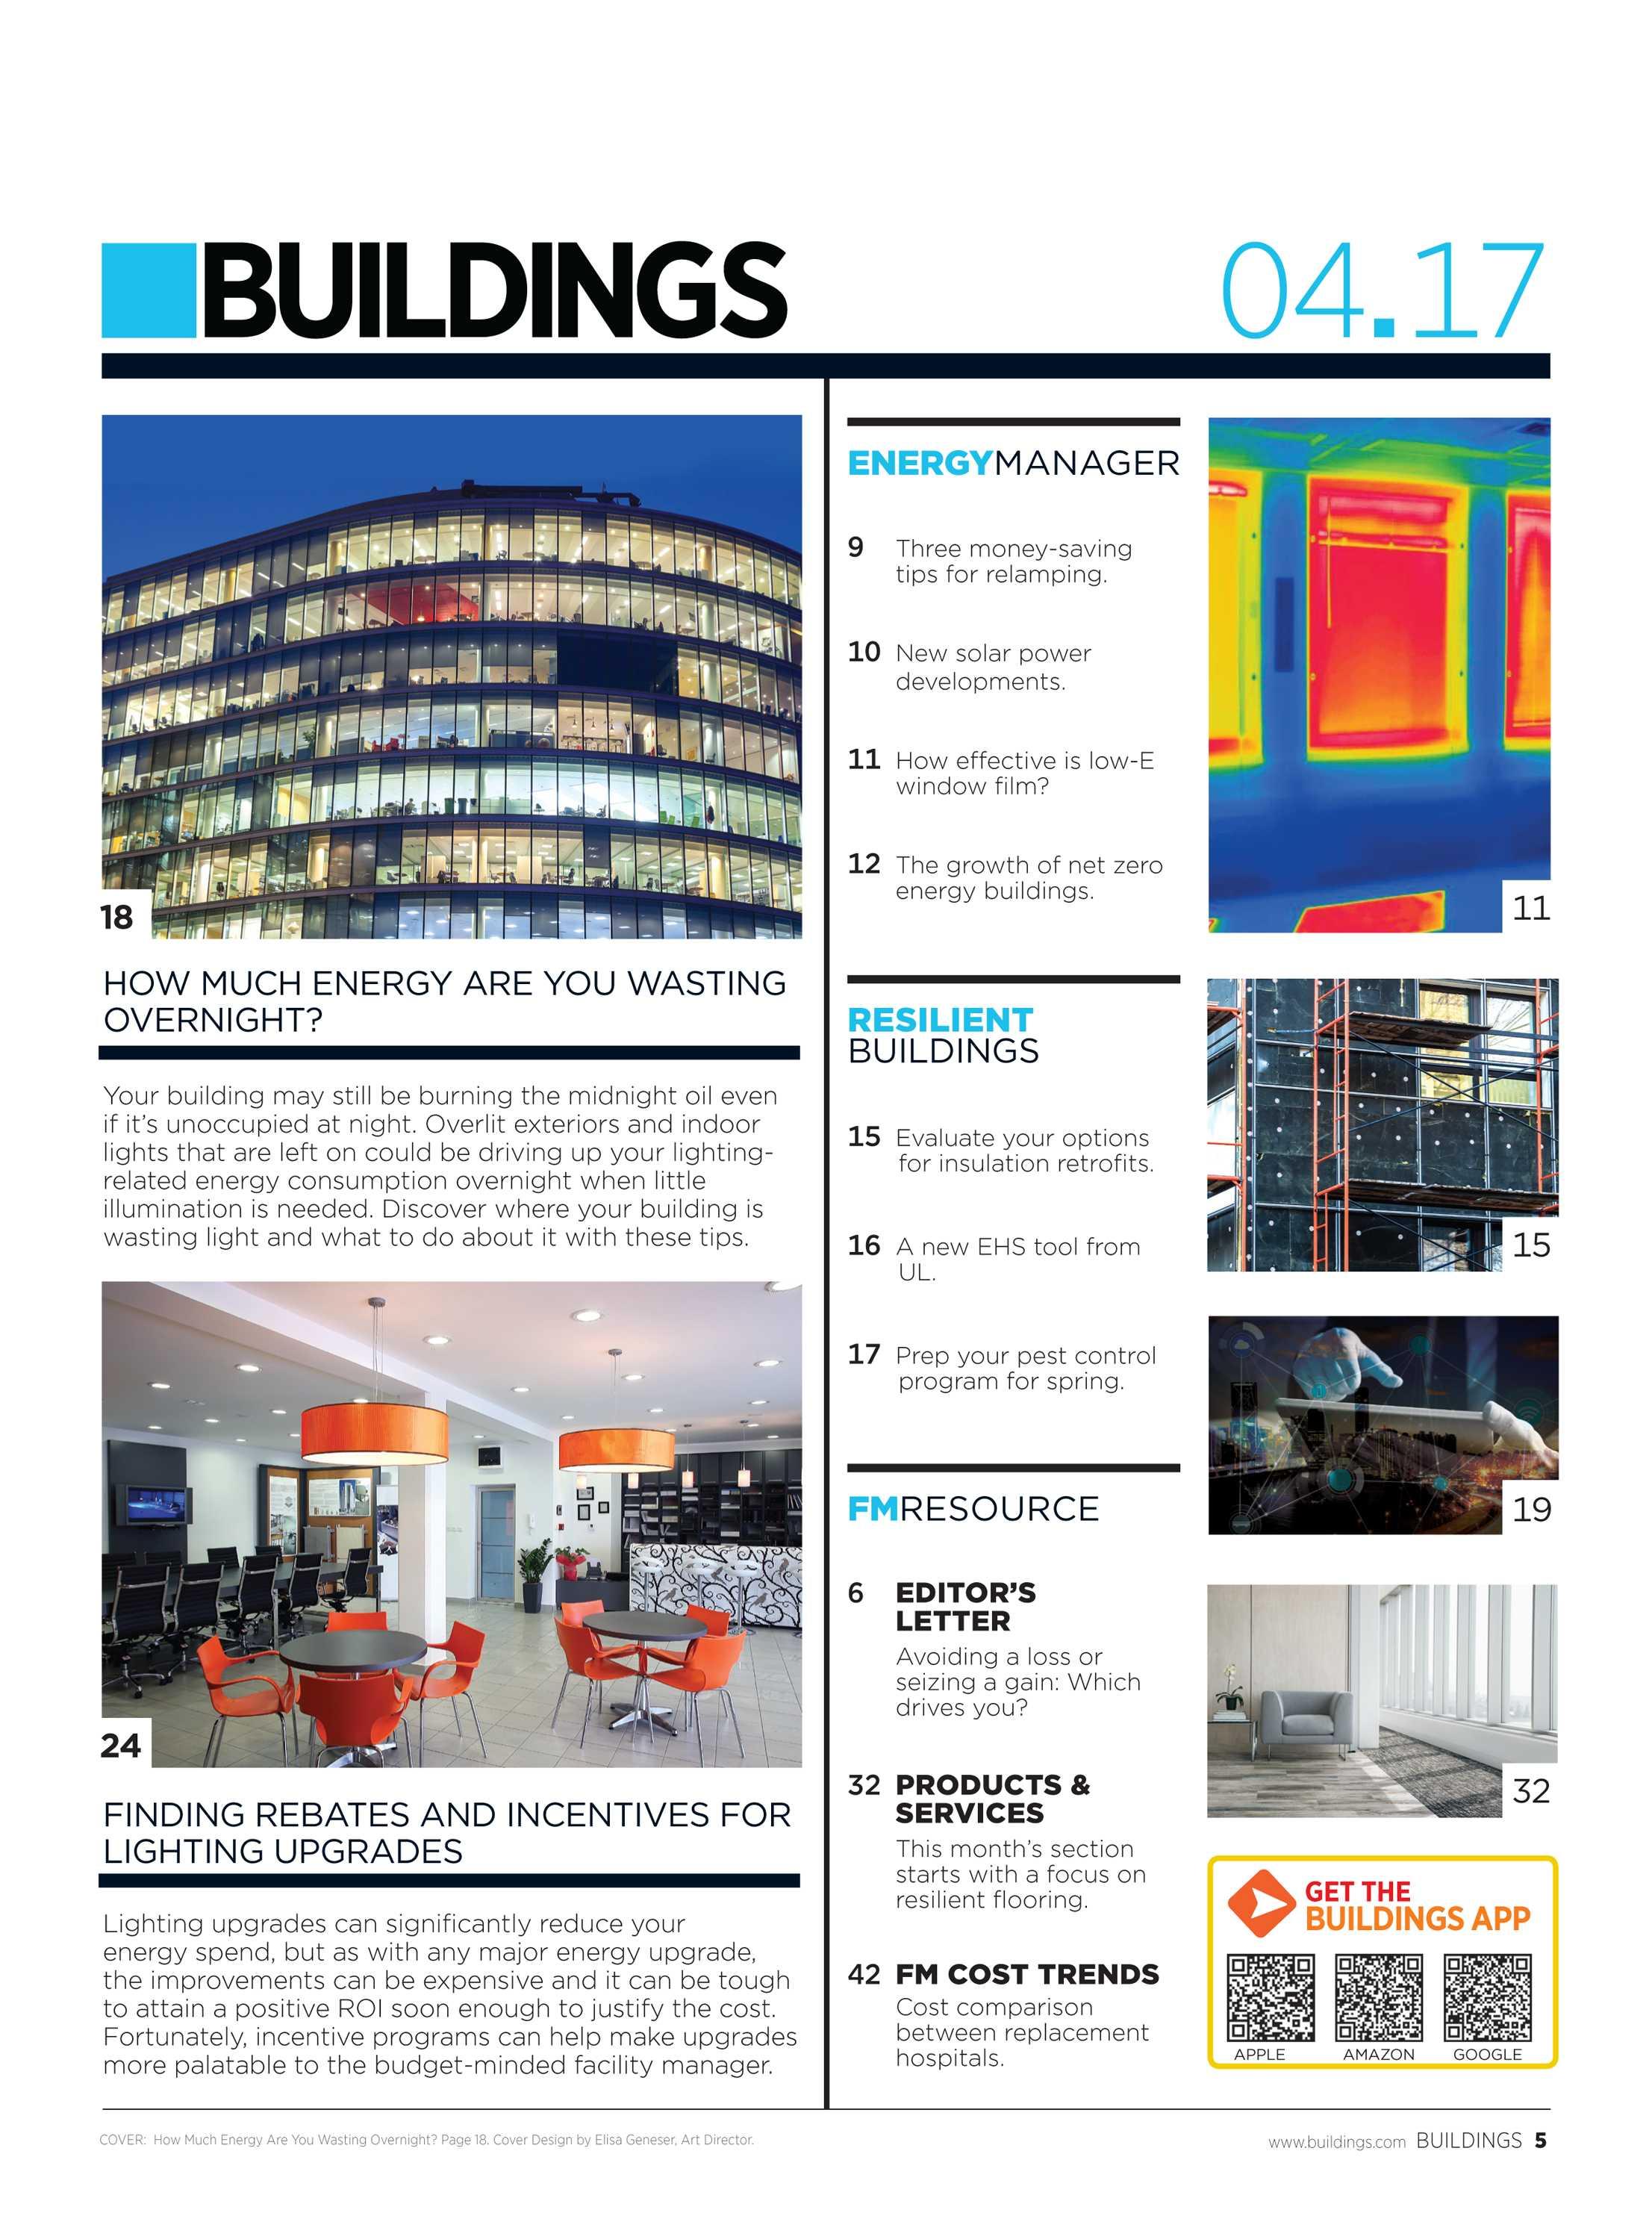 Buildings Magazine - April 2017 - page 5